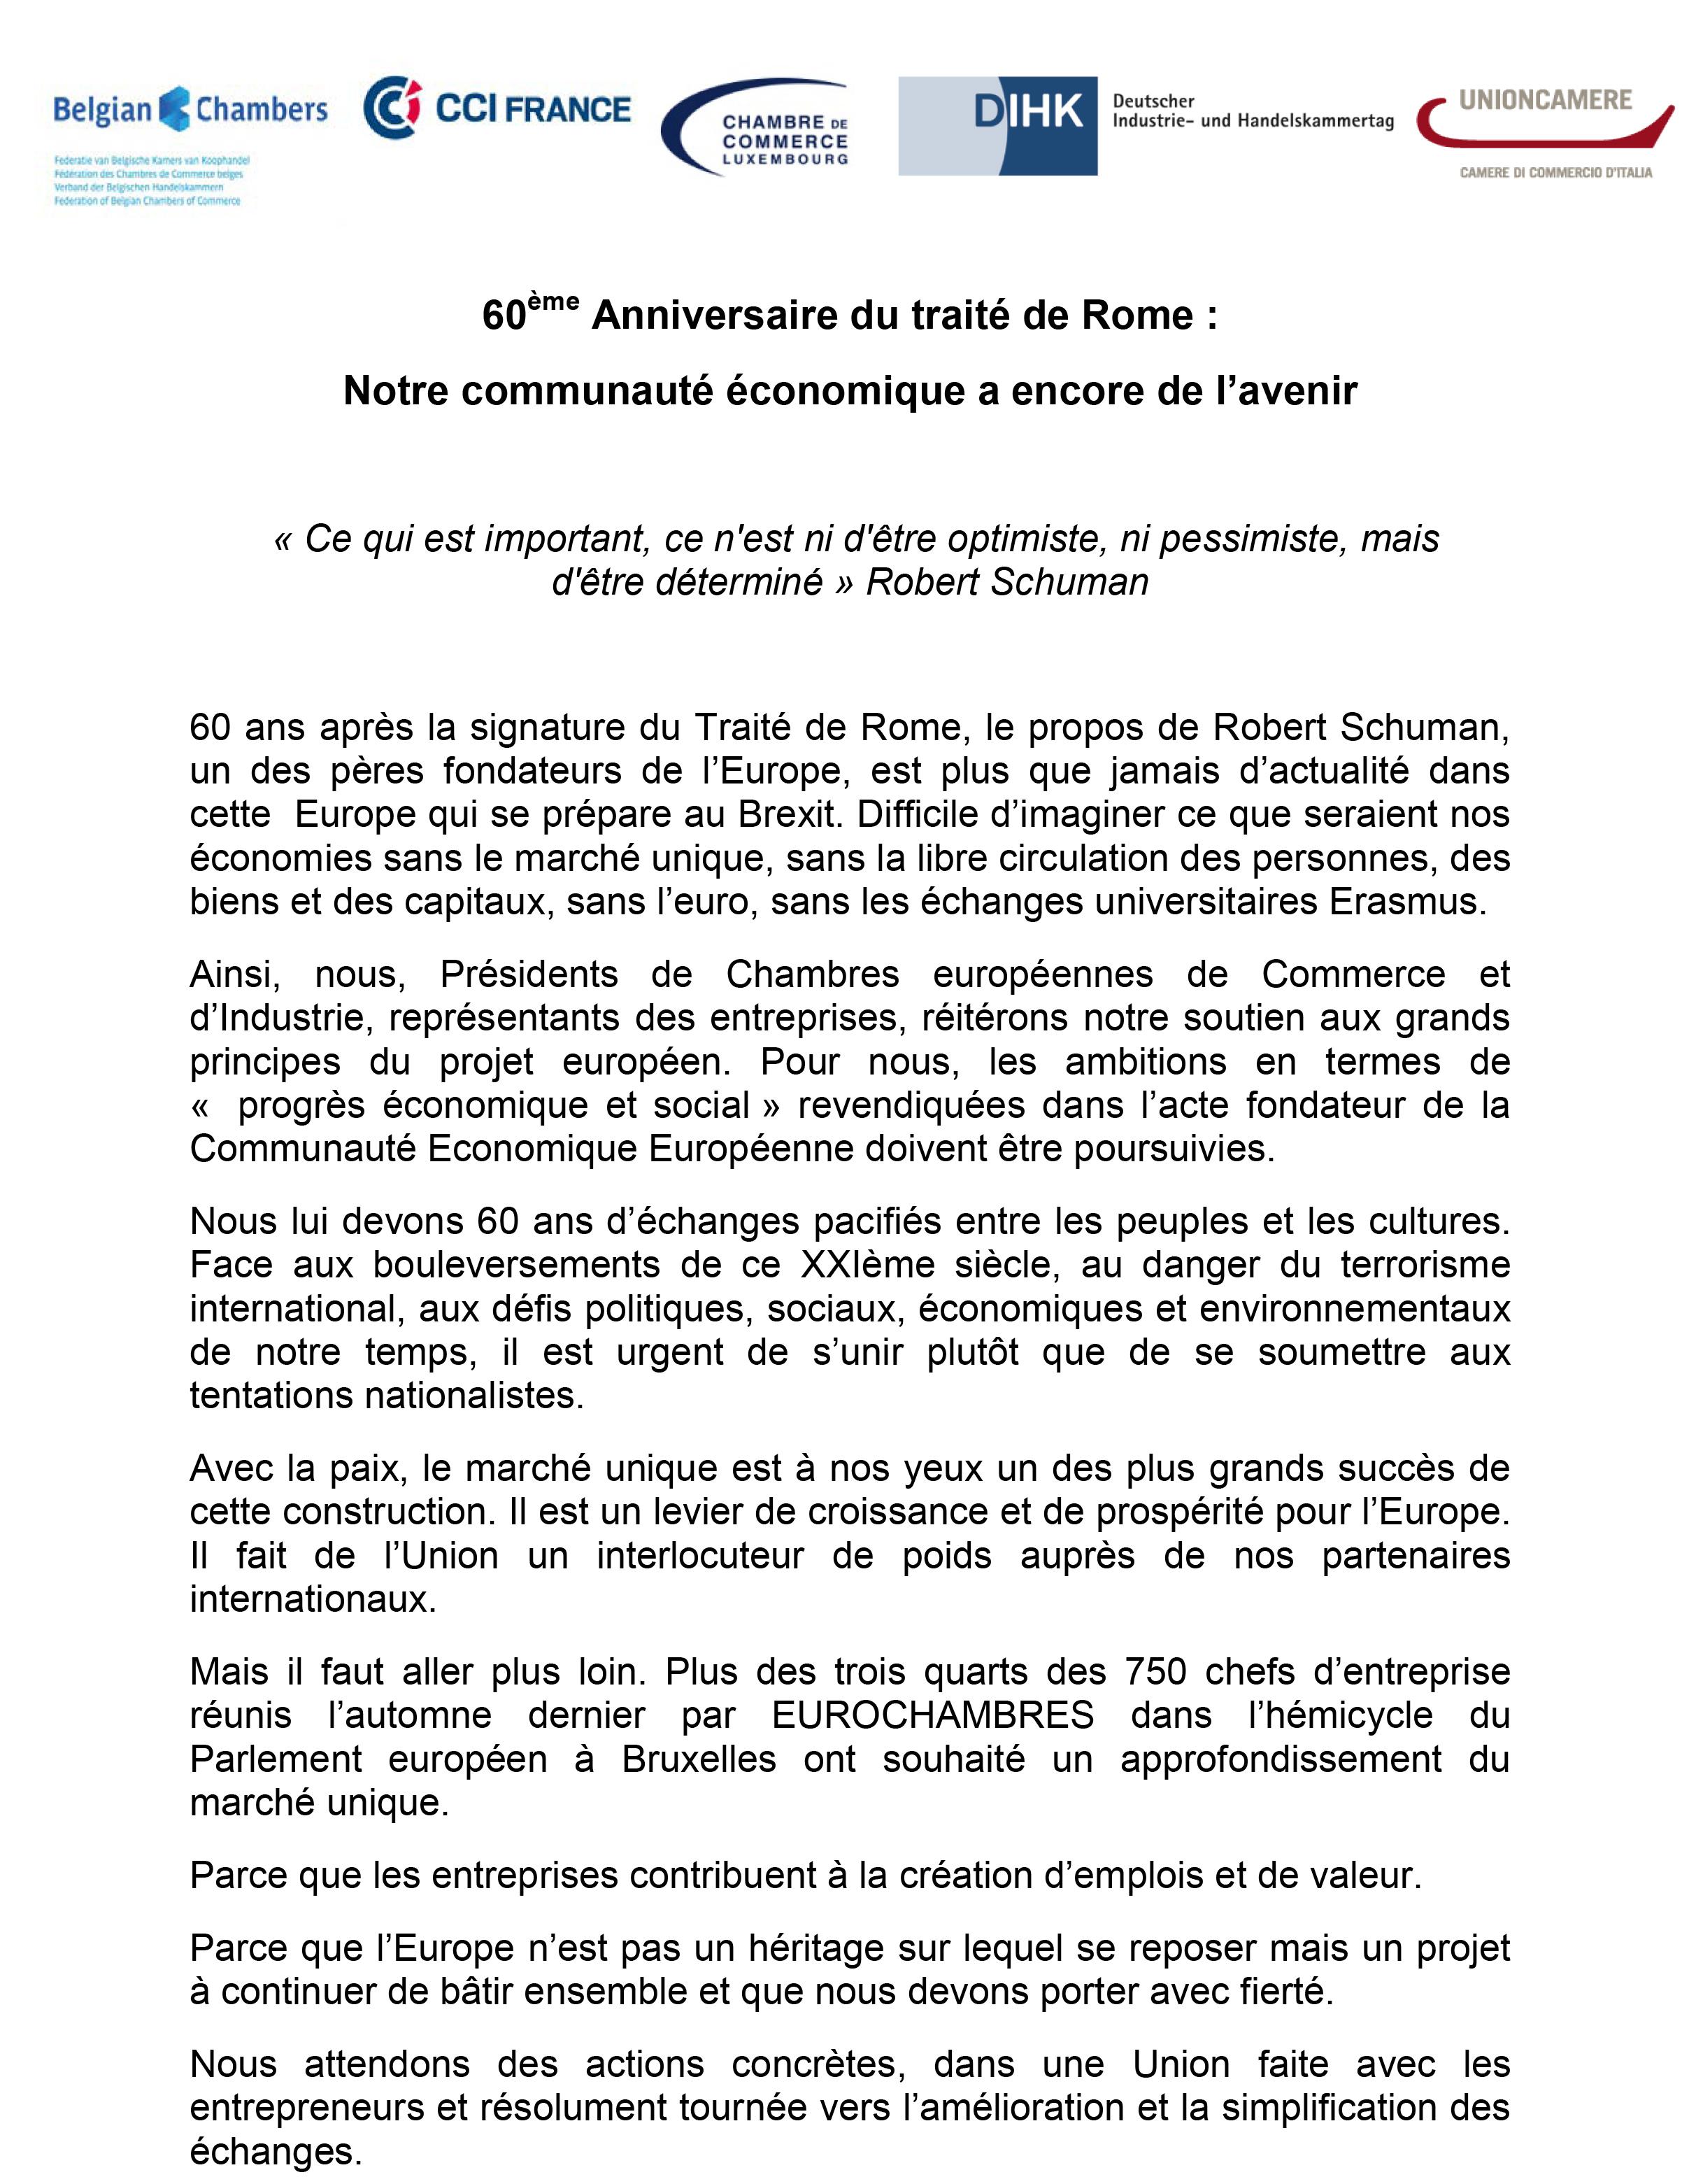 60 ème anniversaire des Traités de Rome final version - signe-1